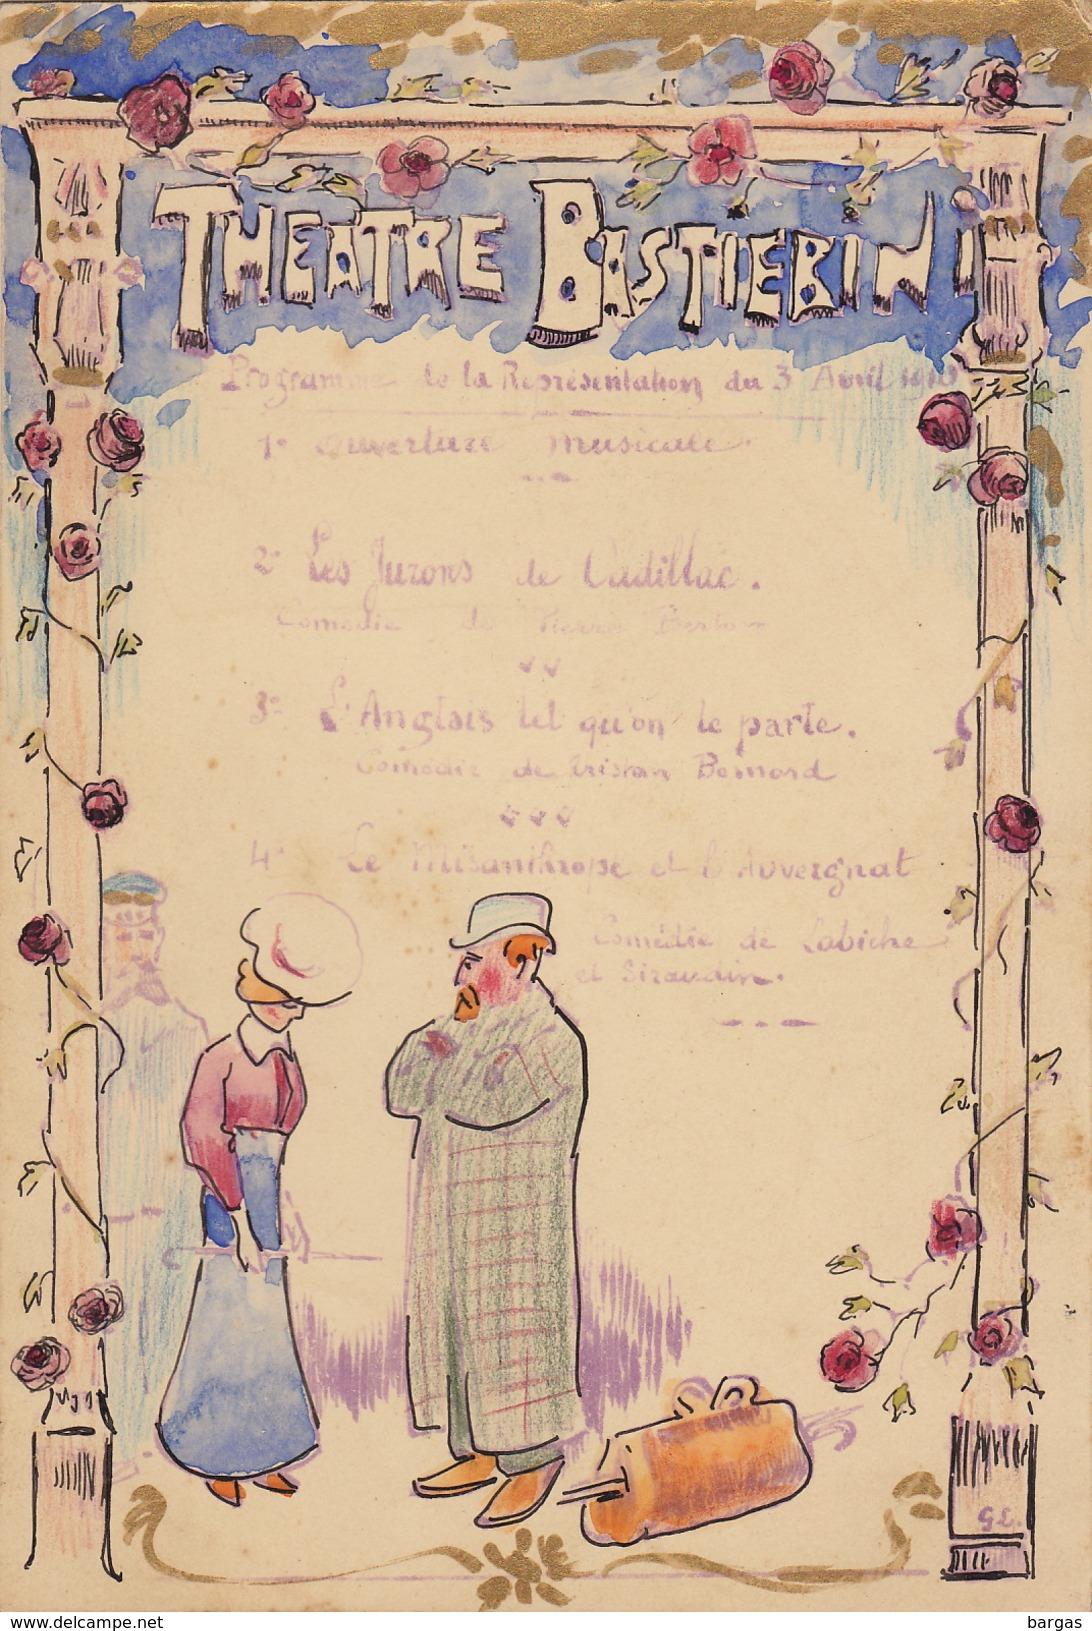 Ancien Programme Sur Carton Du Théâtre Bastierini Fait Main - Programmes